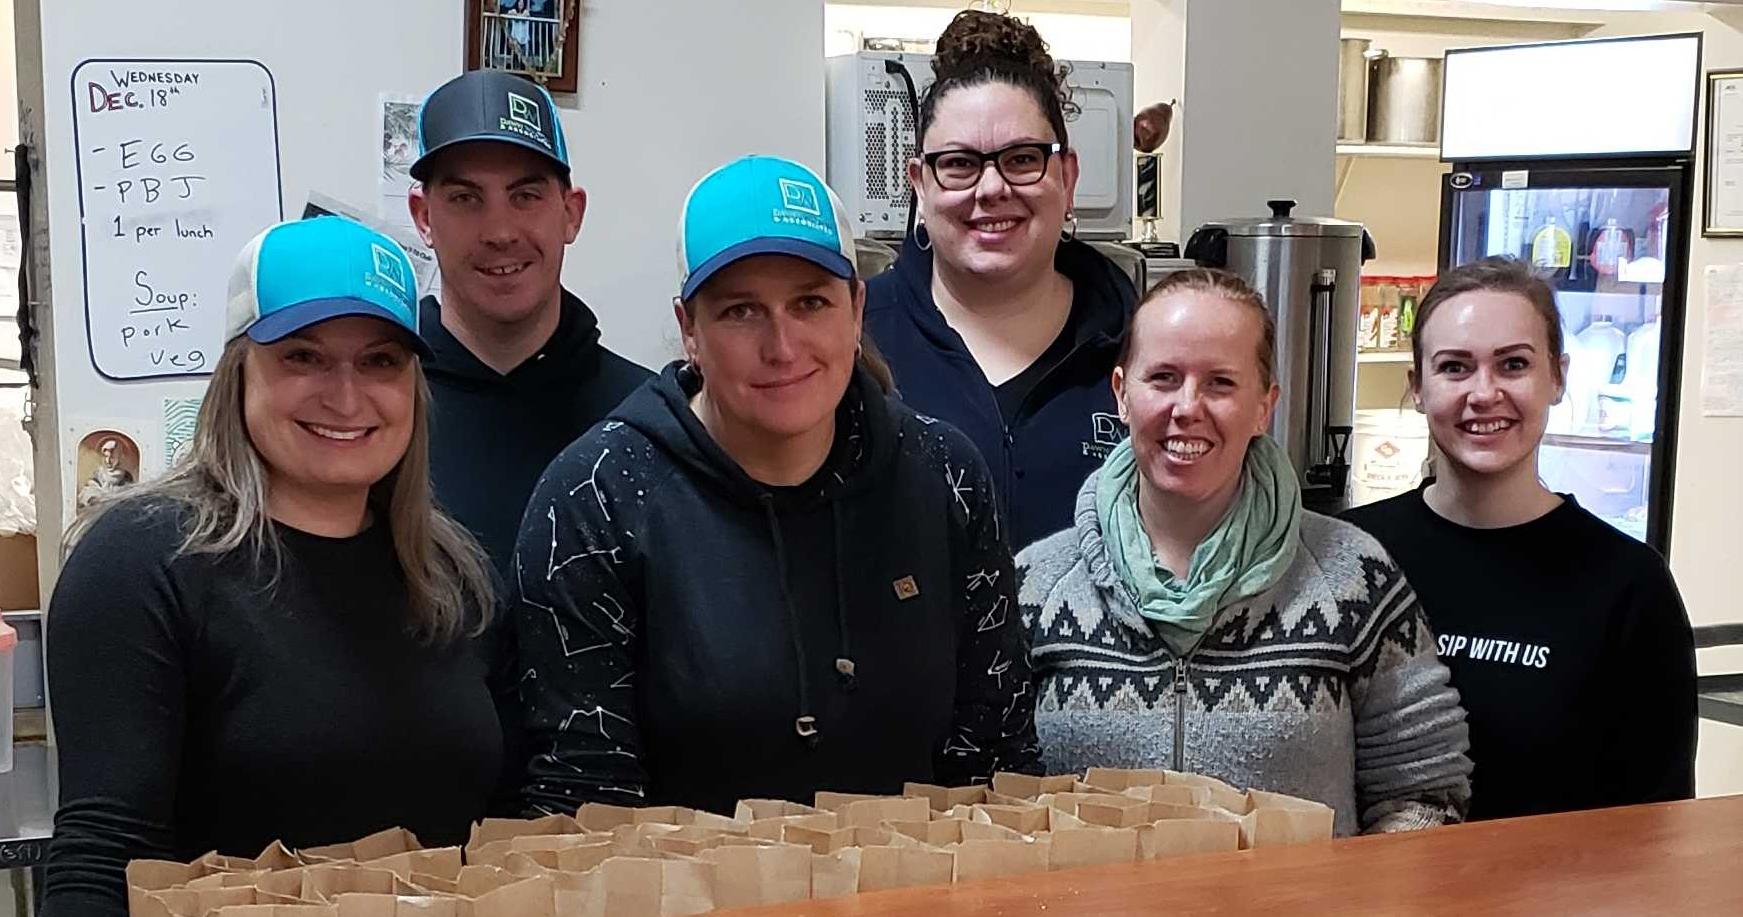 The Dawn Walton & Associates Team volunteering for 7-10 Breakfast Club